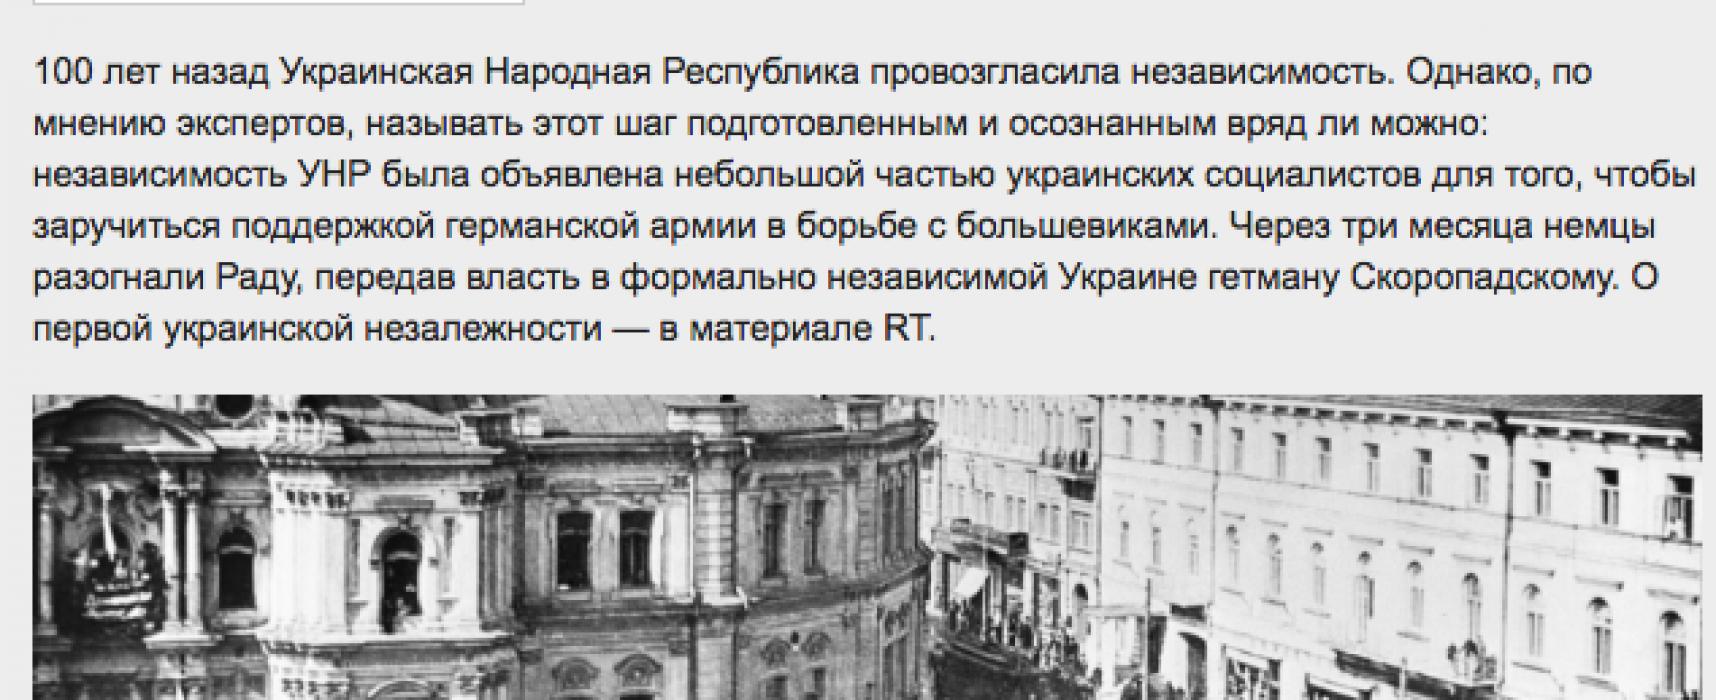 Есть ли правда в статье RT.com к 100-летию провозглашения независимости Украинской Народной Республики?